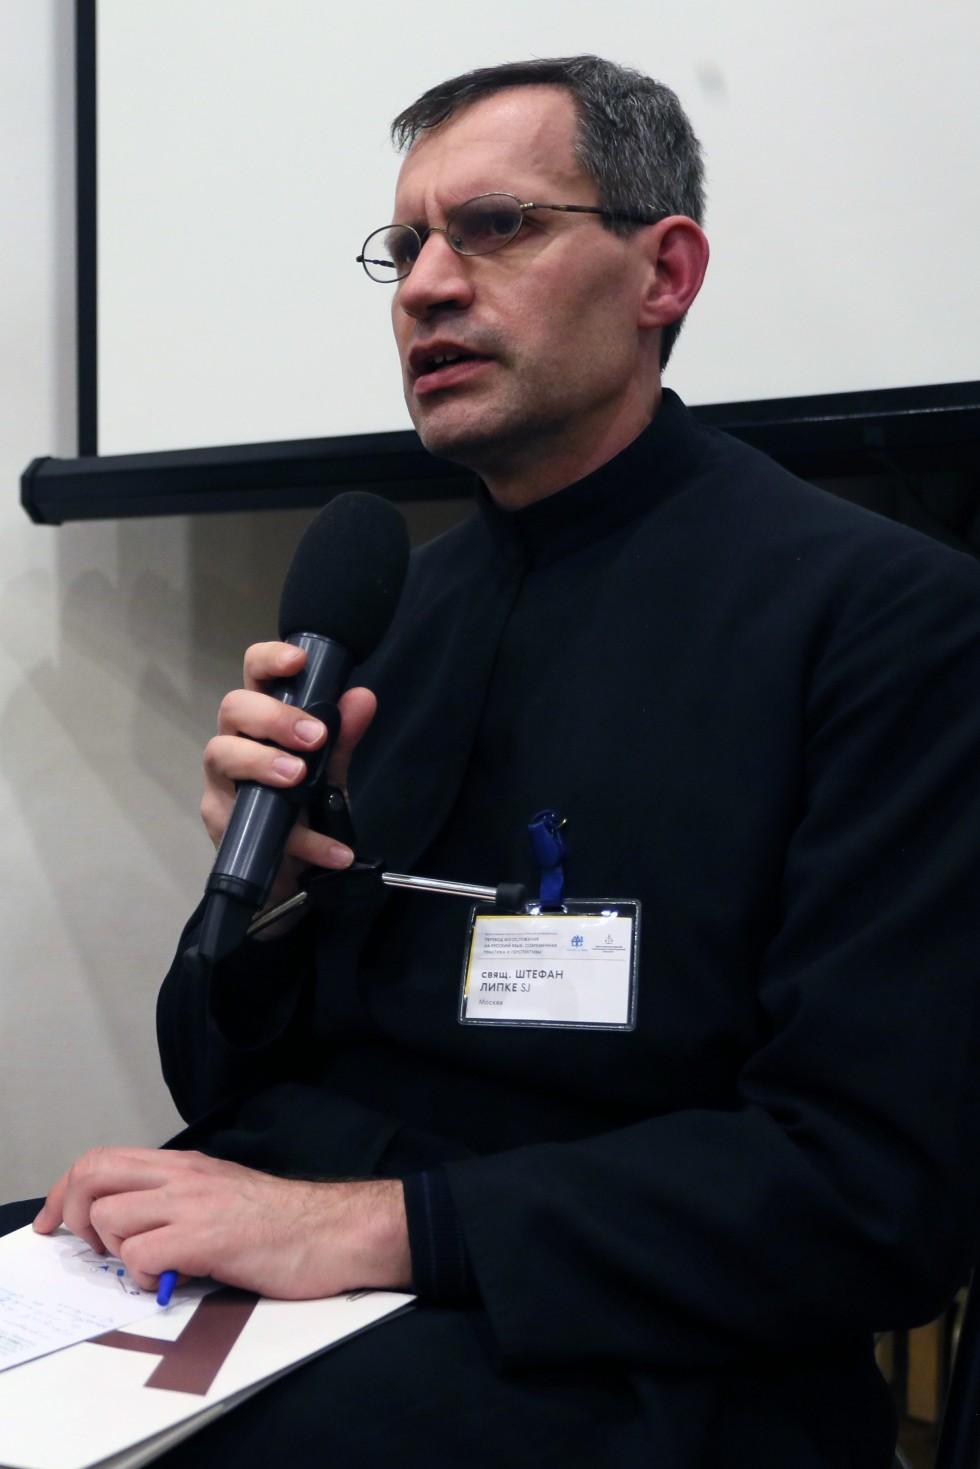 Священник Штефан Липке, SJ, директор Института святого Фомы